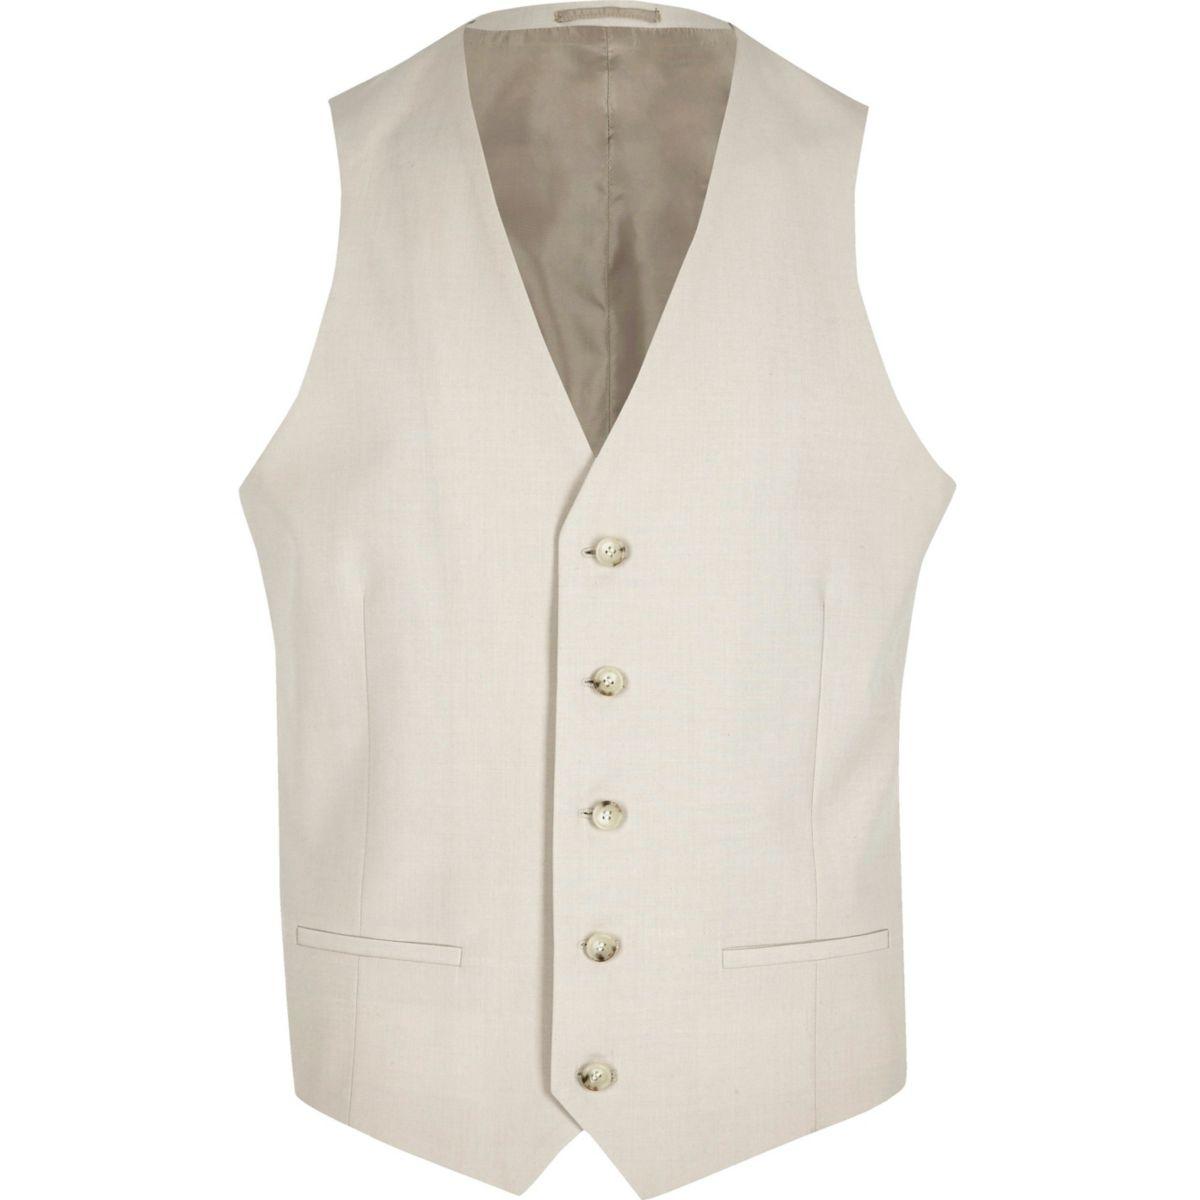 Cream suit waistcoat